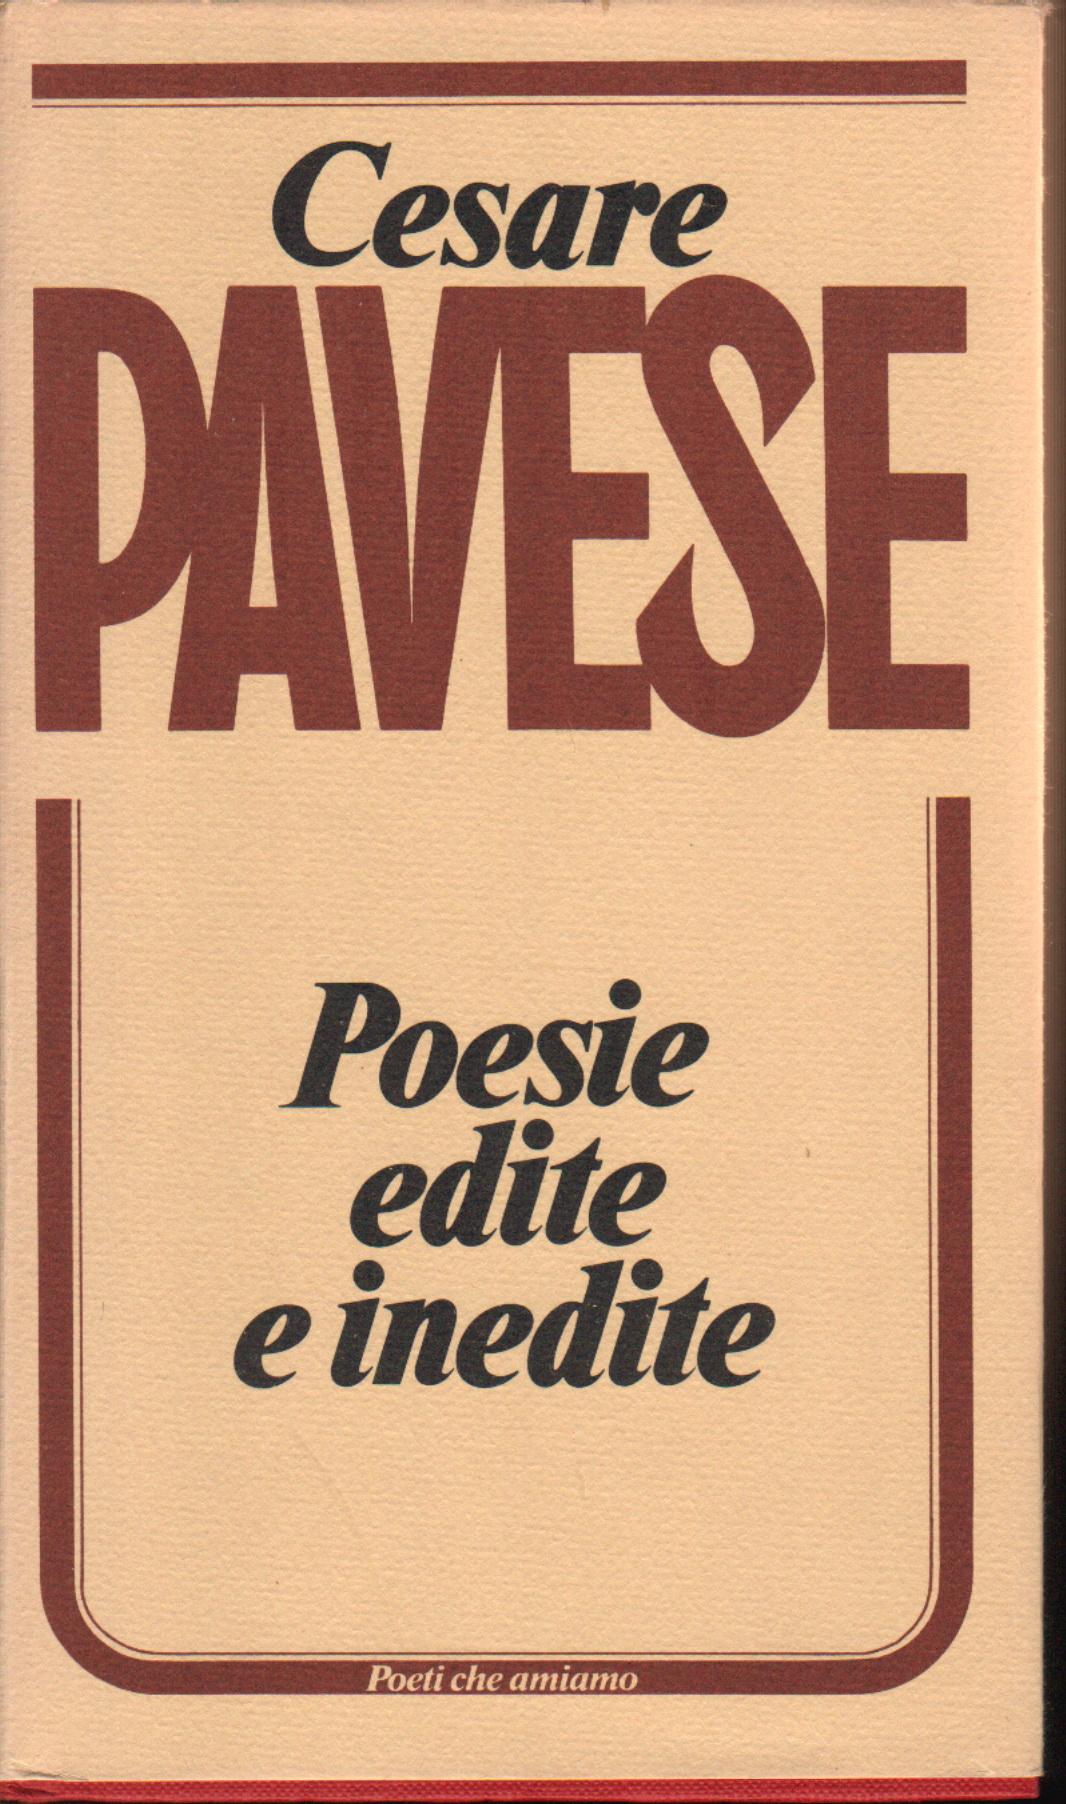 Poesie edite e inedi...